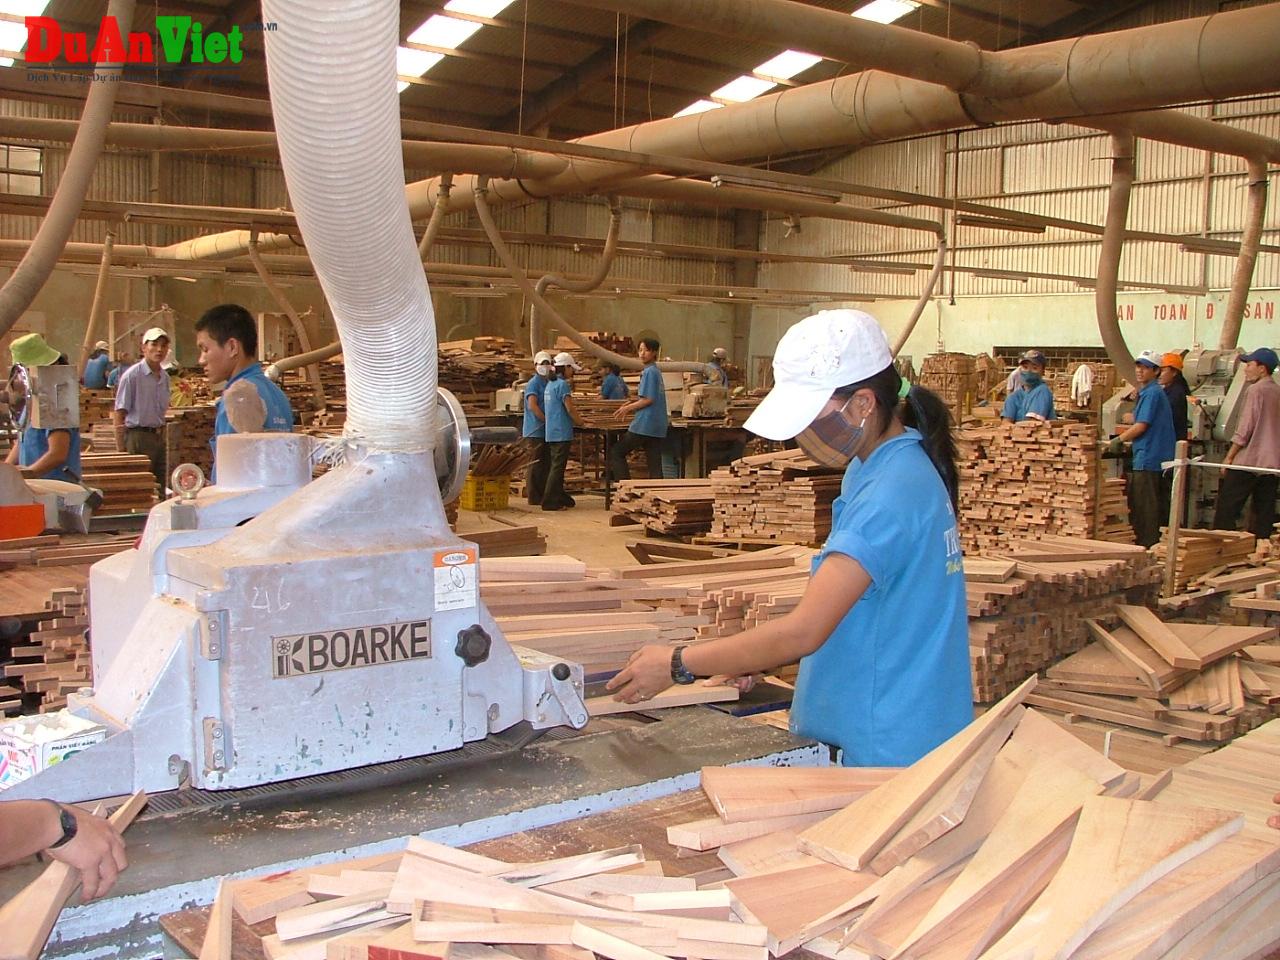 Dự án cưa xe sấy gỗ, sản xuất ván ghép & sản xuất viên nén gỗ